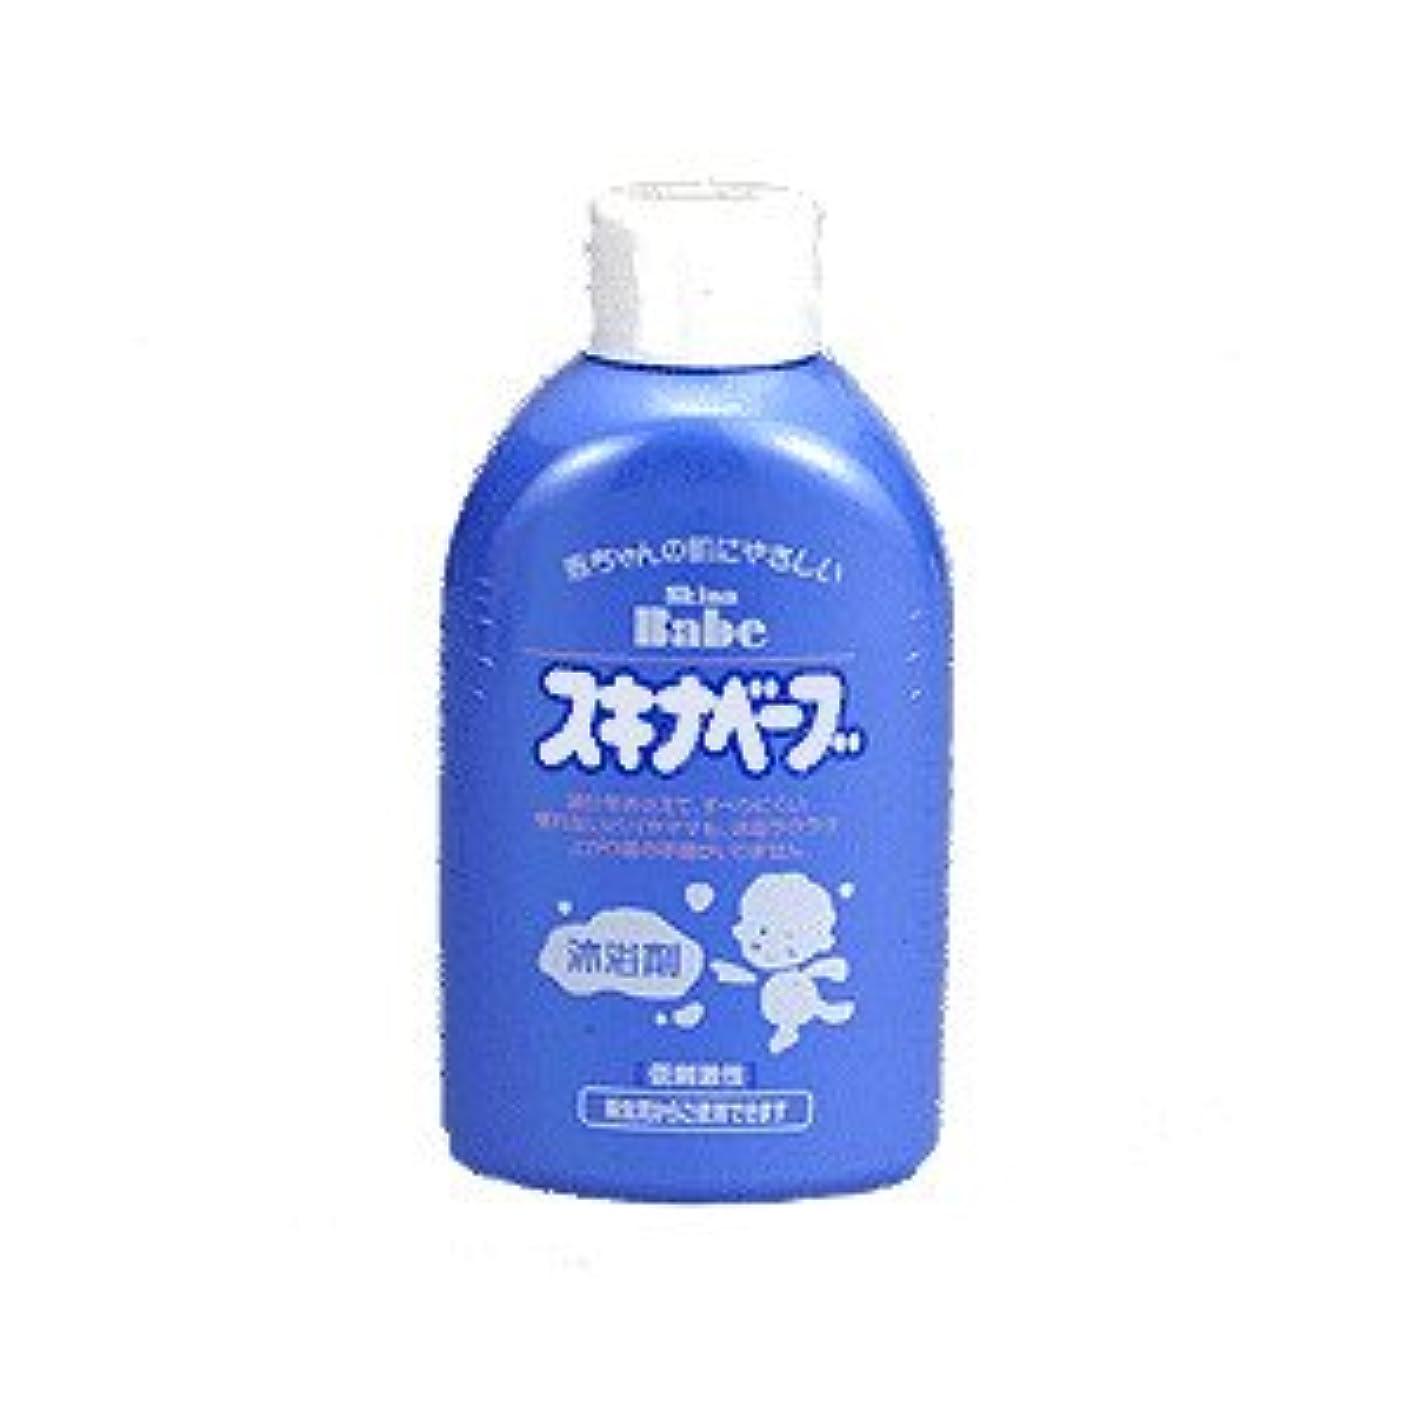 ベルハング予約(持田ヘルスケア)スキナベーブ 500ml(入浴剤)(医薬部外品)(お買い得3個セット)